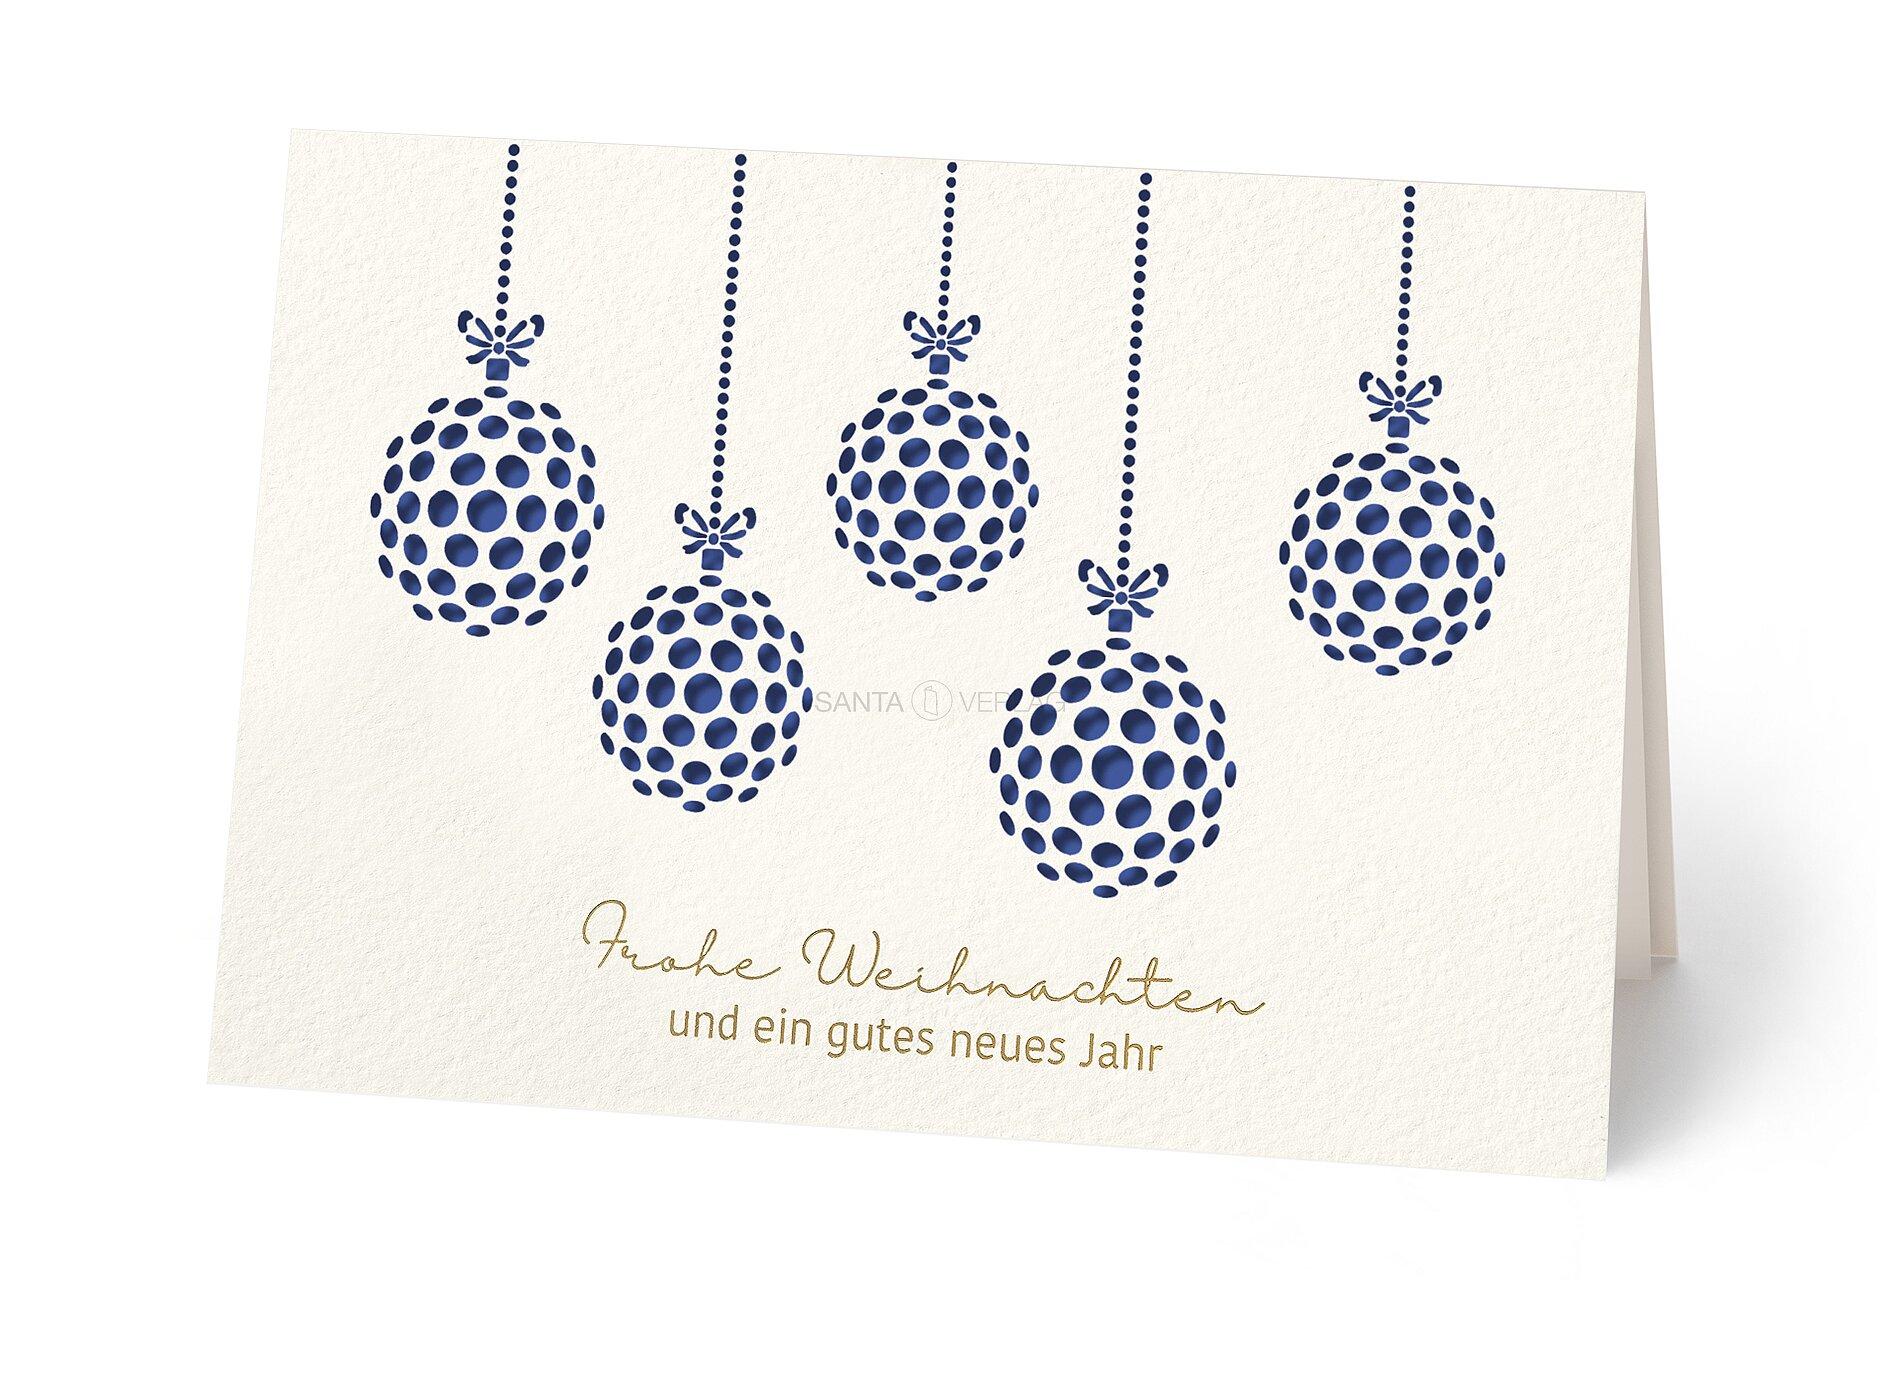 Weihnachtskarten Bilder.Weihnachtskarten Inkl Kuvert